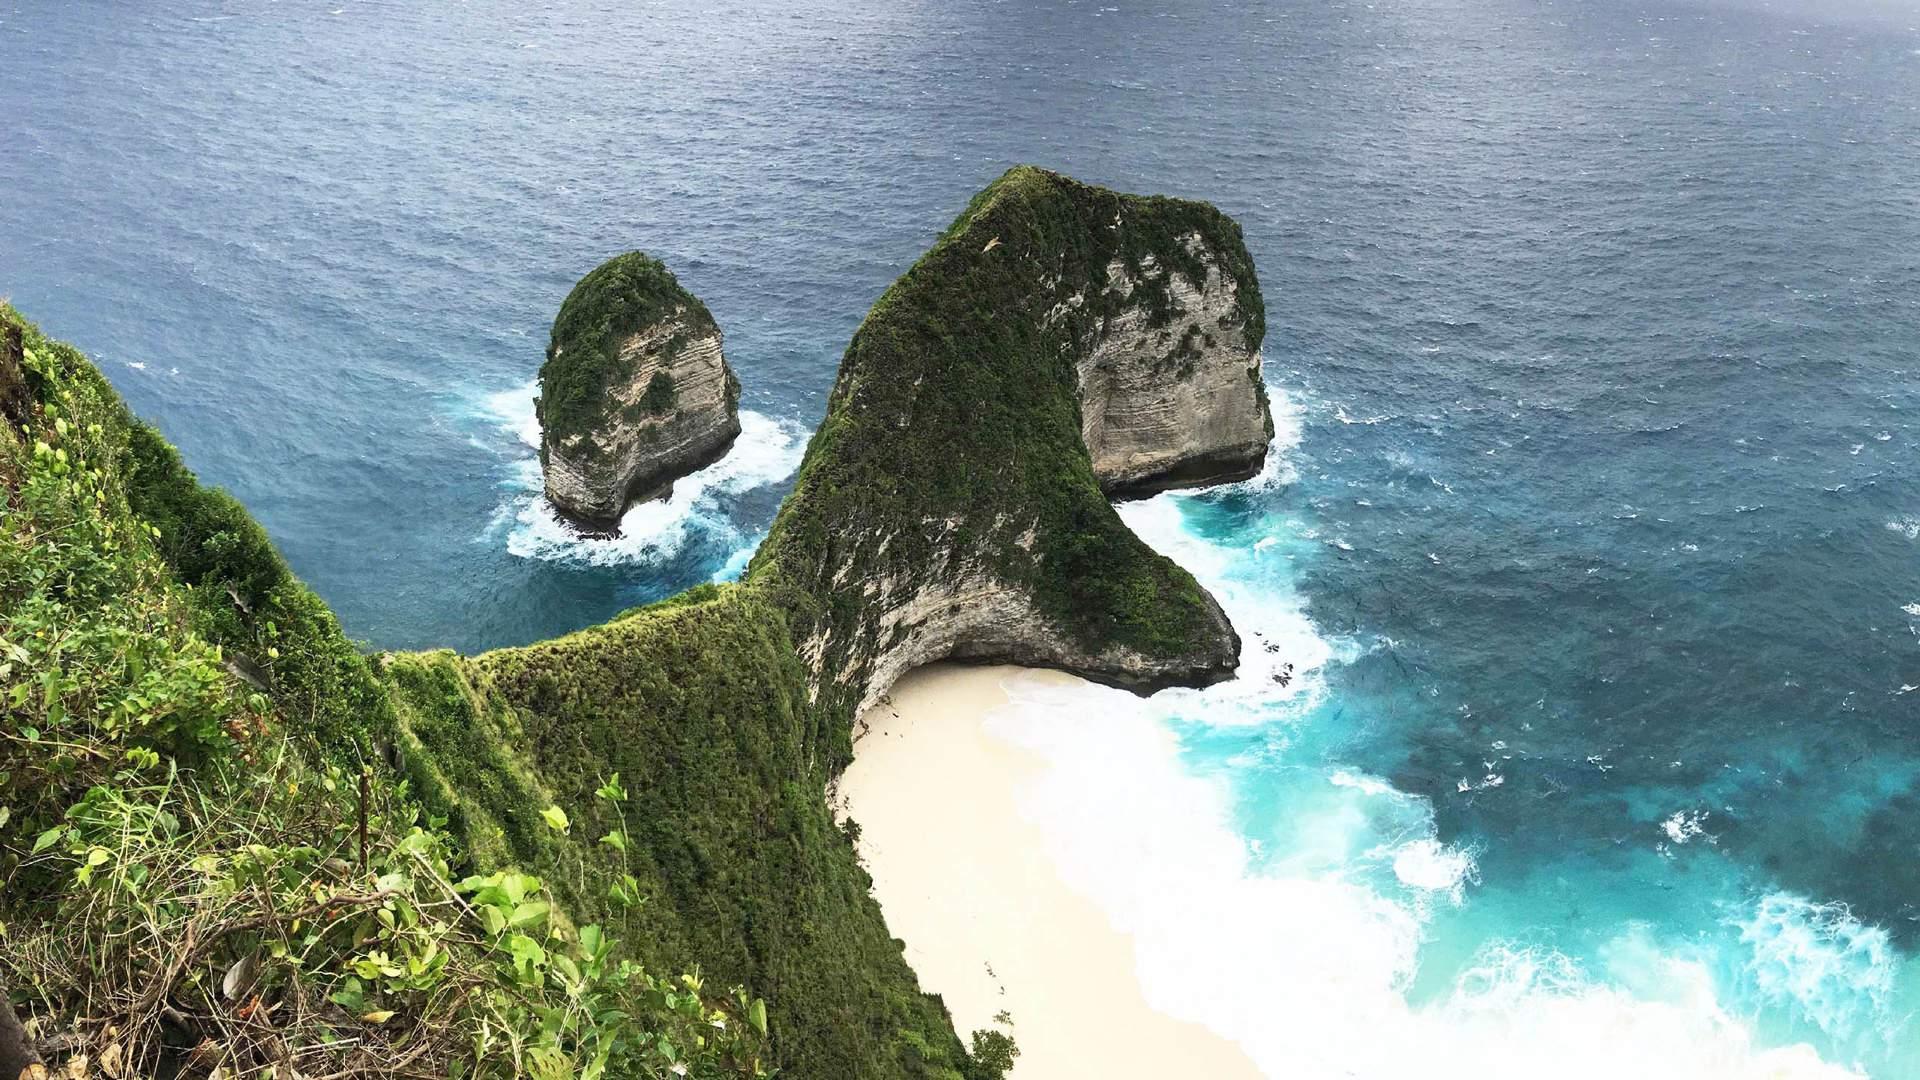 Voyage sur mesure à Bali en Indonésie